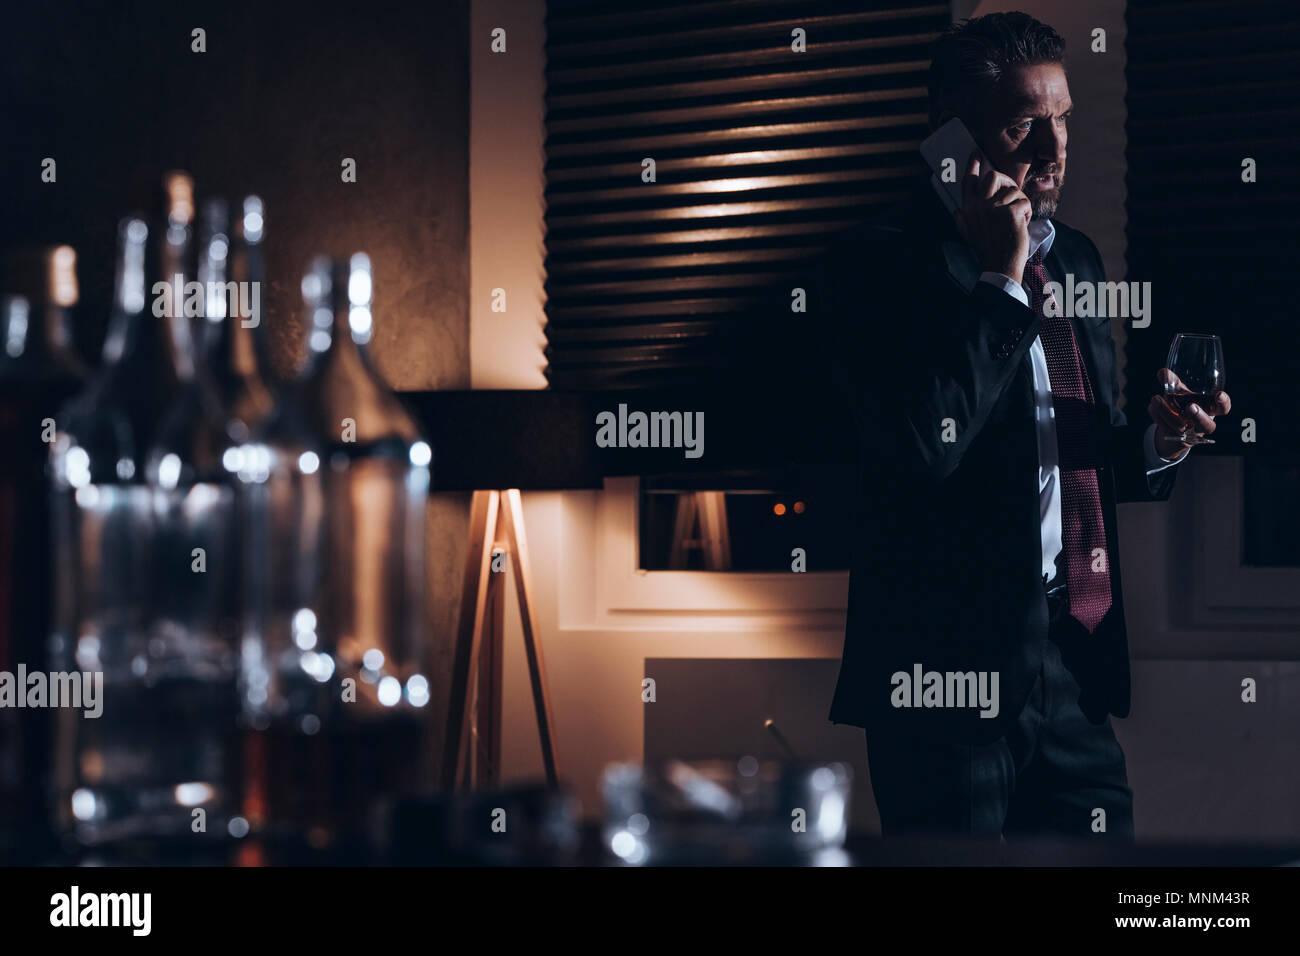 A souligné l'homme d'âge moyen d'un costume à parler au téléphone et la tenue d'un verre d'alcool tout en se tenant dans une pièce sombre avec des bouteilles d'alcool vides dans un lecteur blu Photo Stock